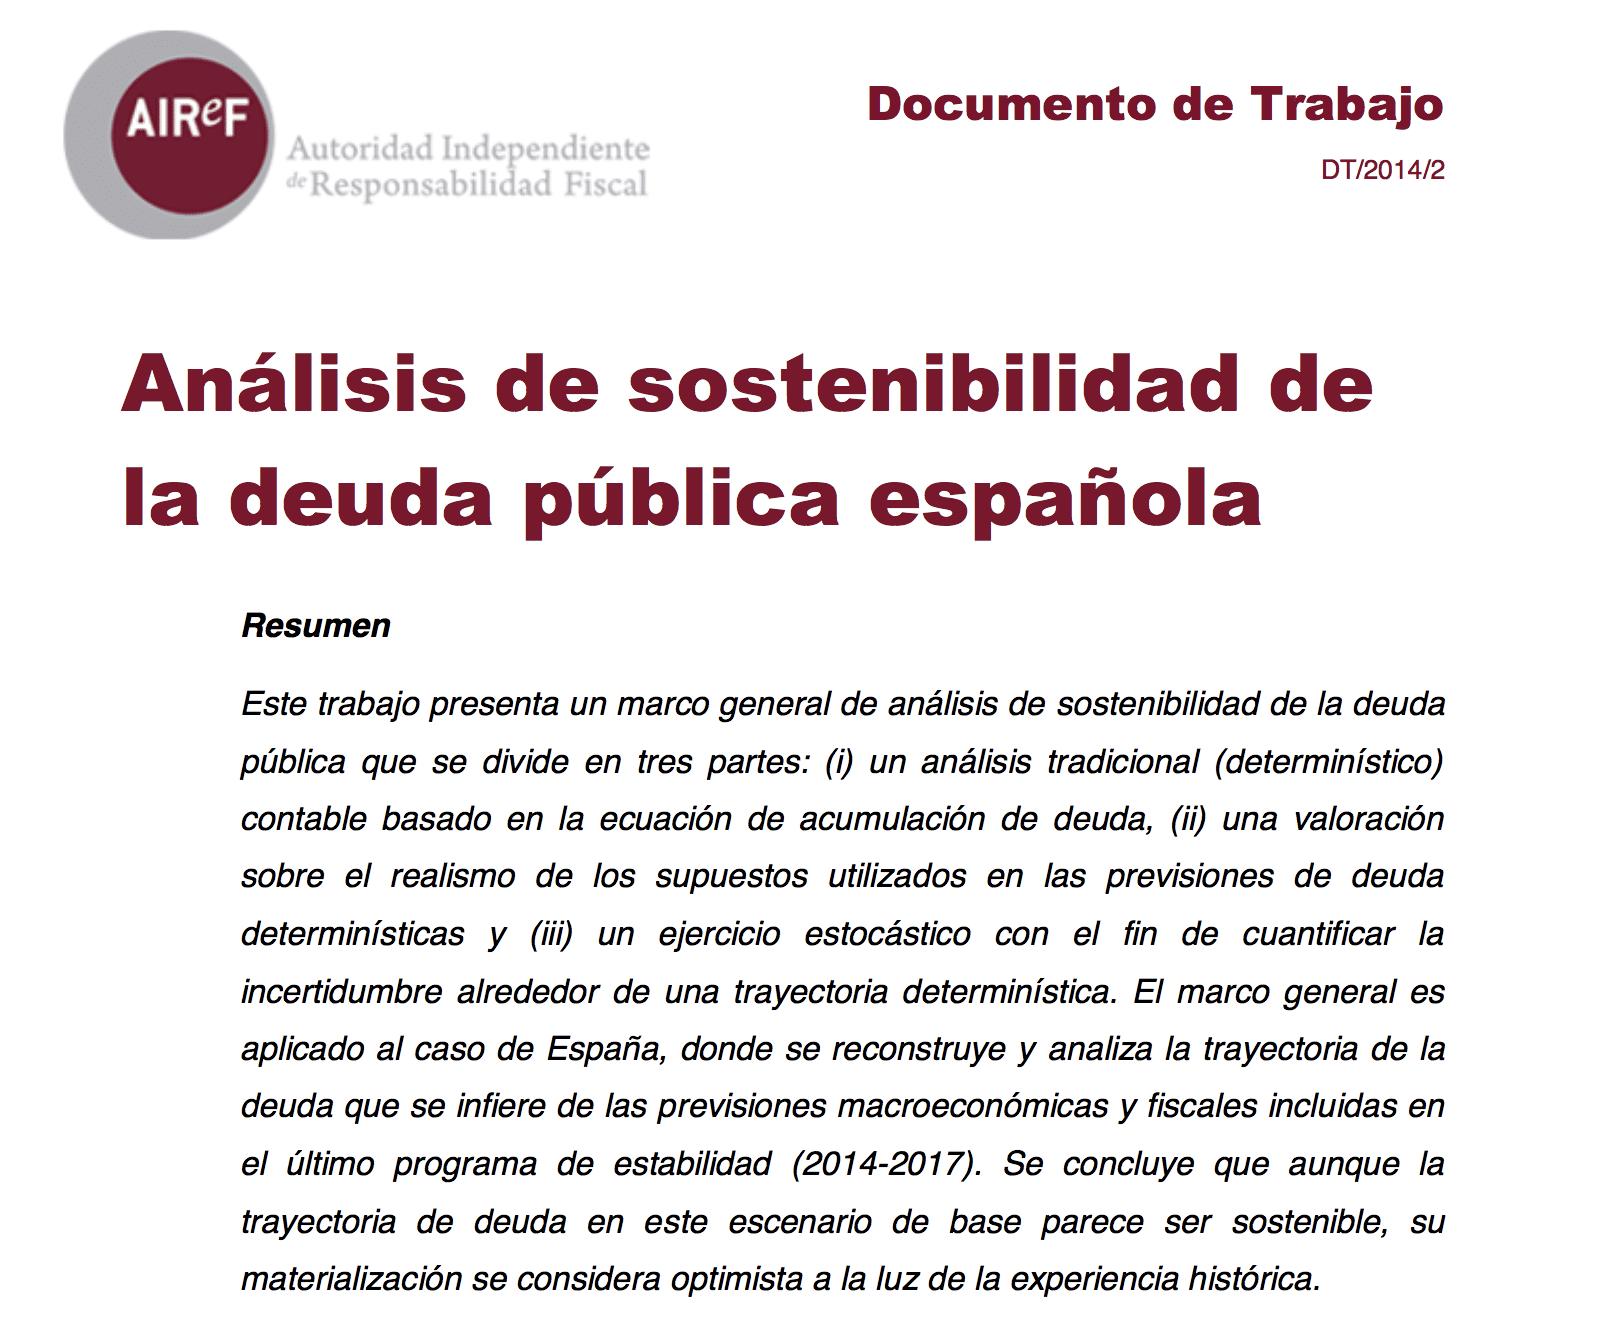 Análisis de la sostenibilidad de la deuda pública española